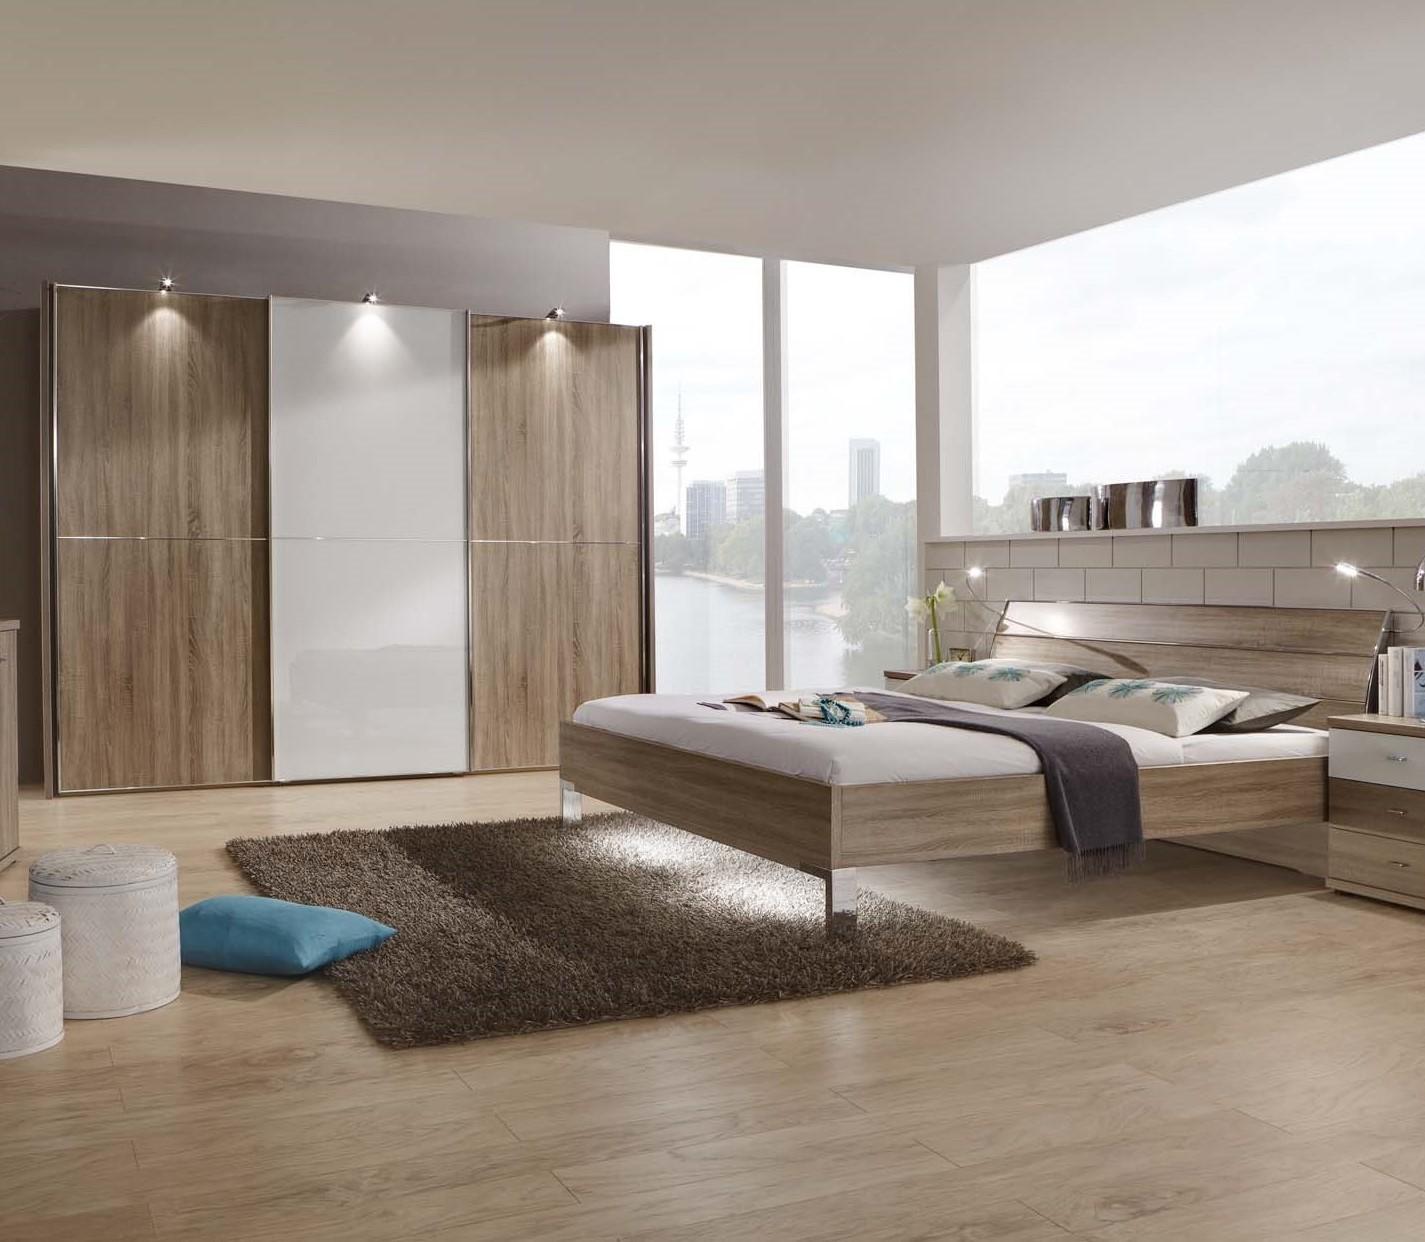 bedroom furniture sets samara by stylform modern bedroom set with